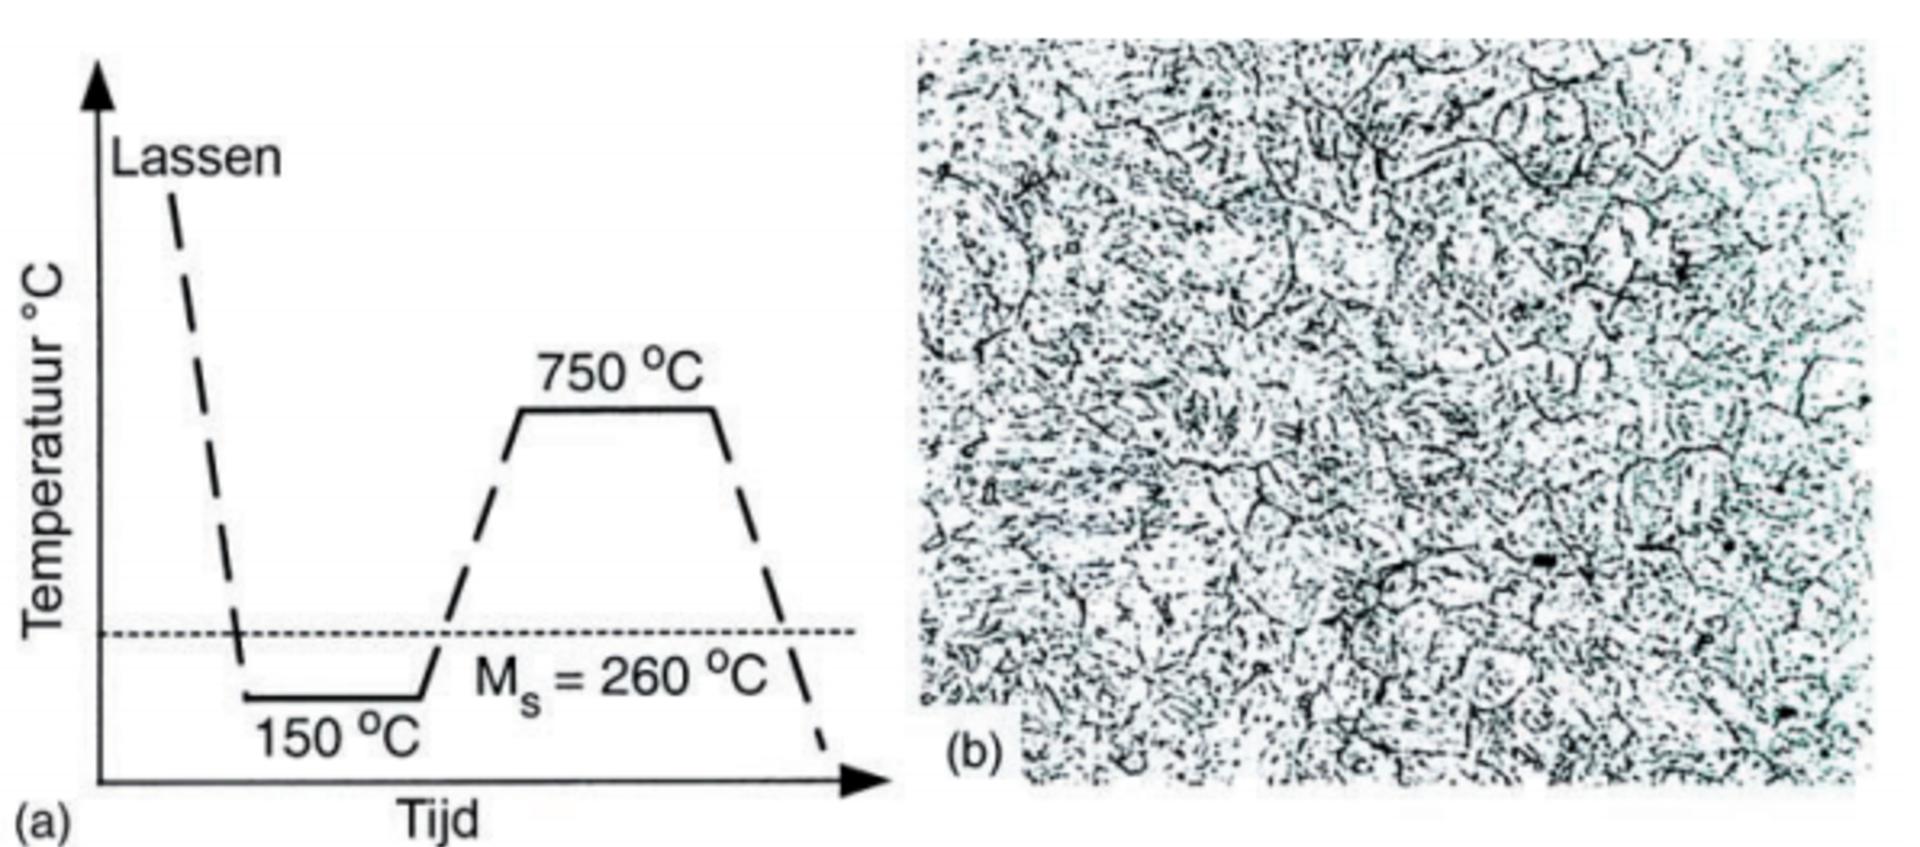 Materialen en hun lasbaarheid groep 7.2 volgens ISO/TR 15608